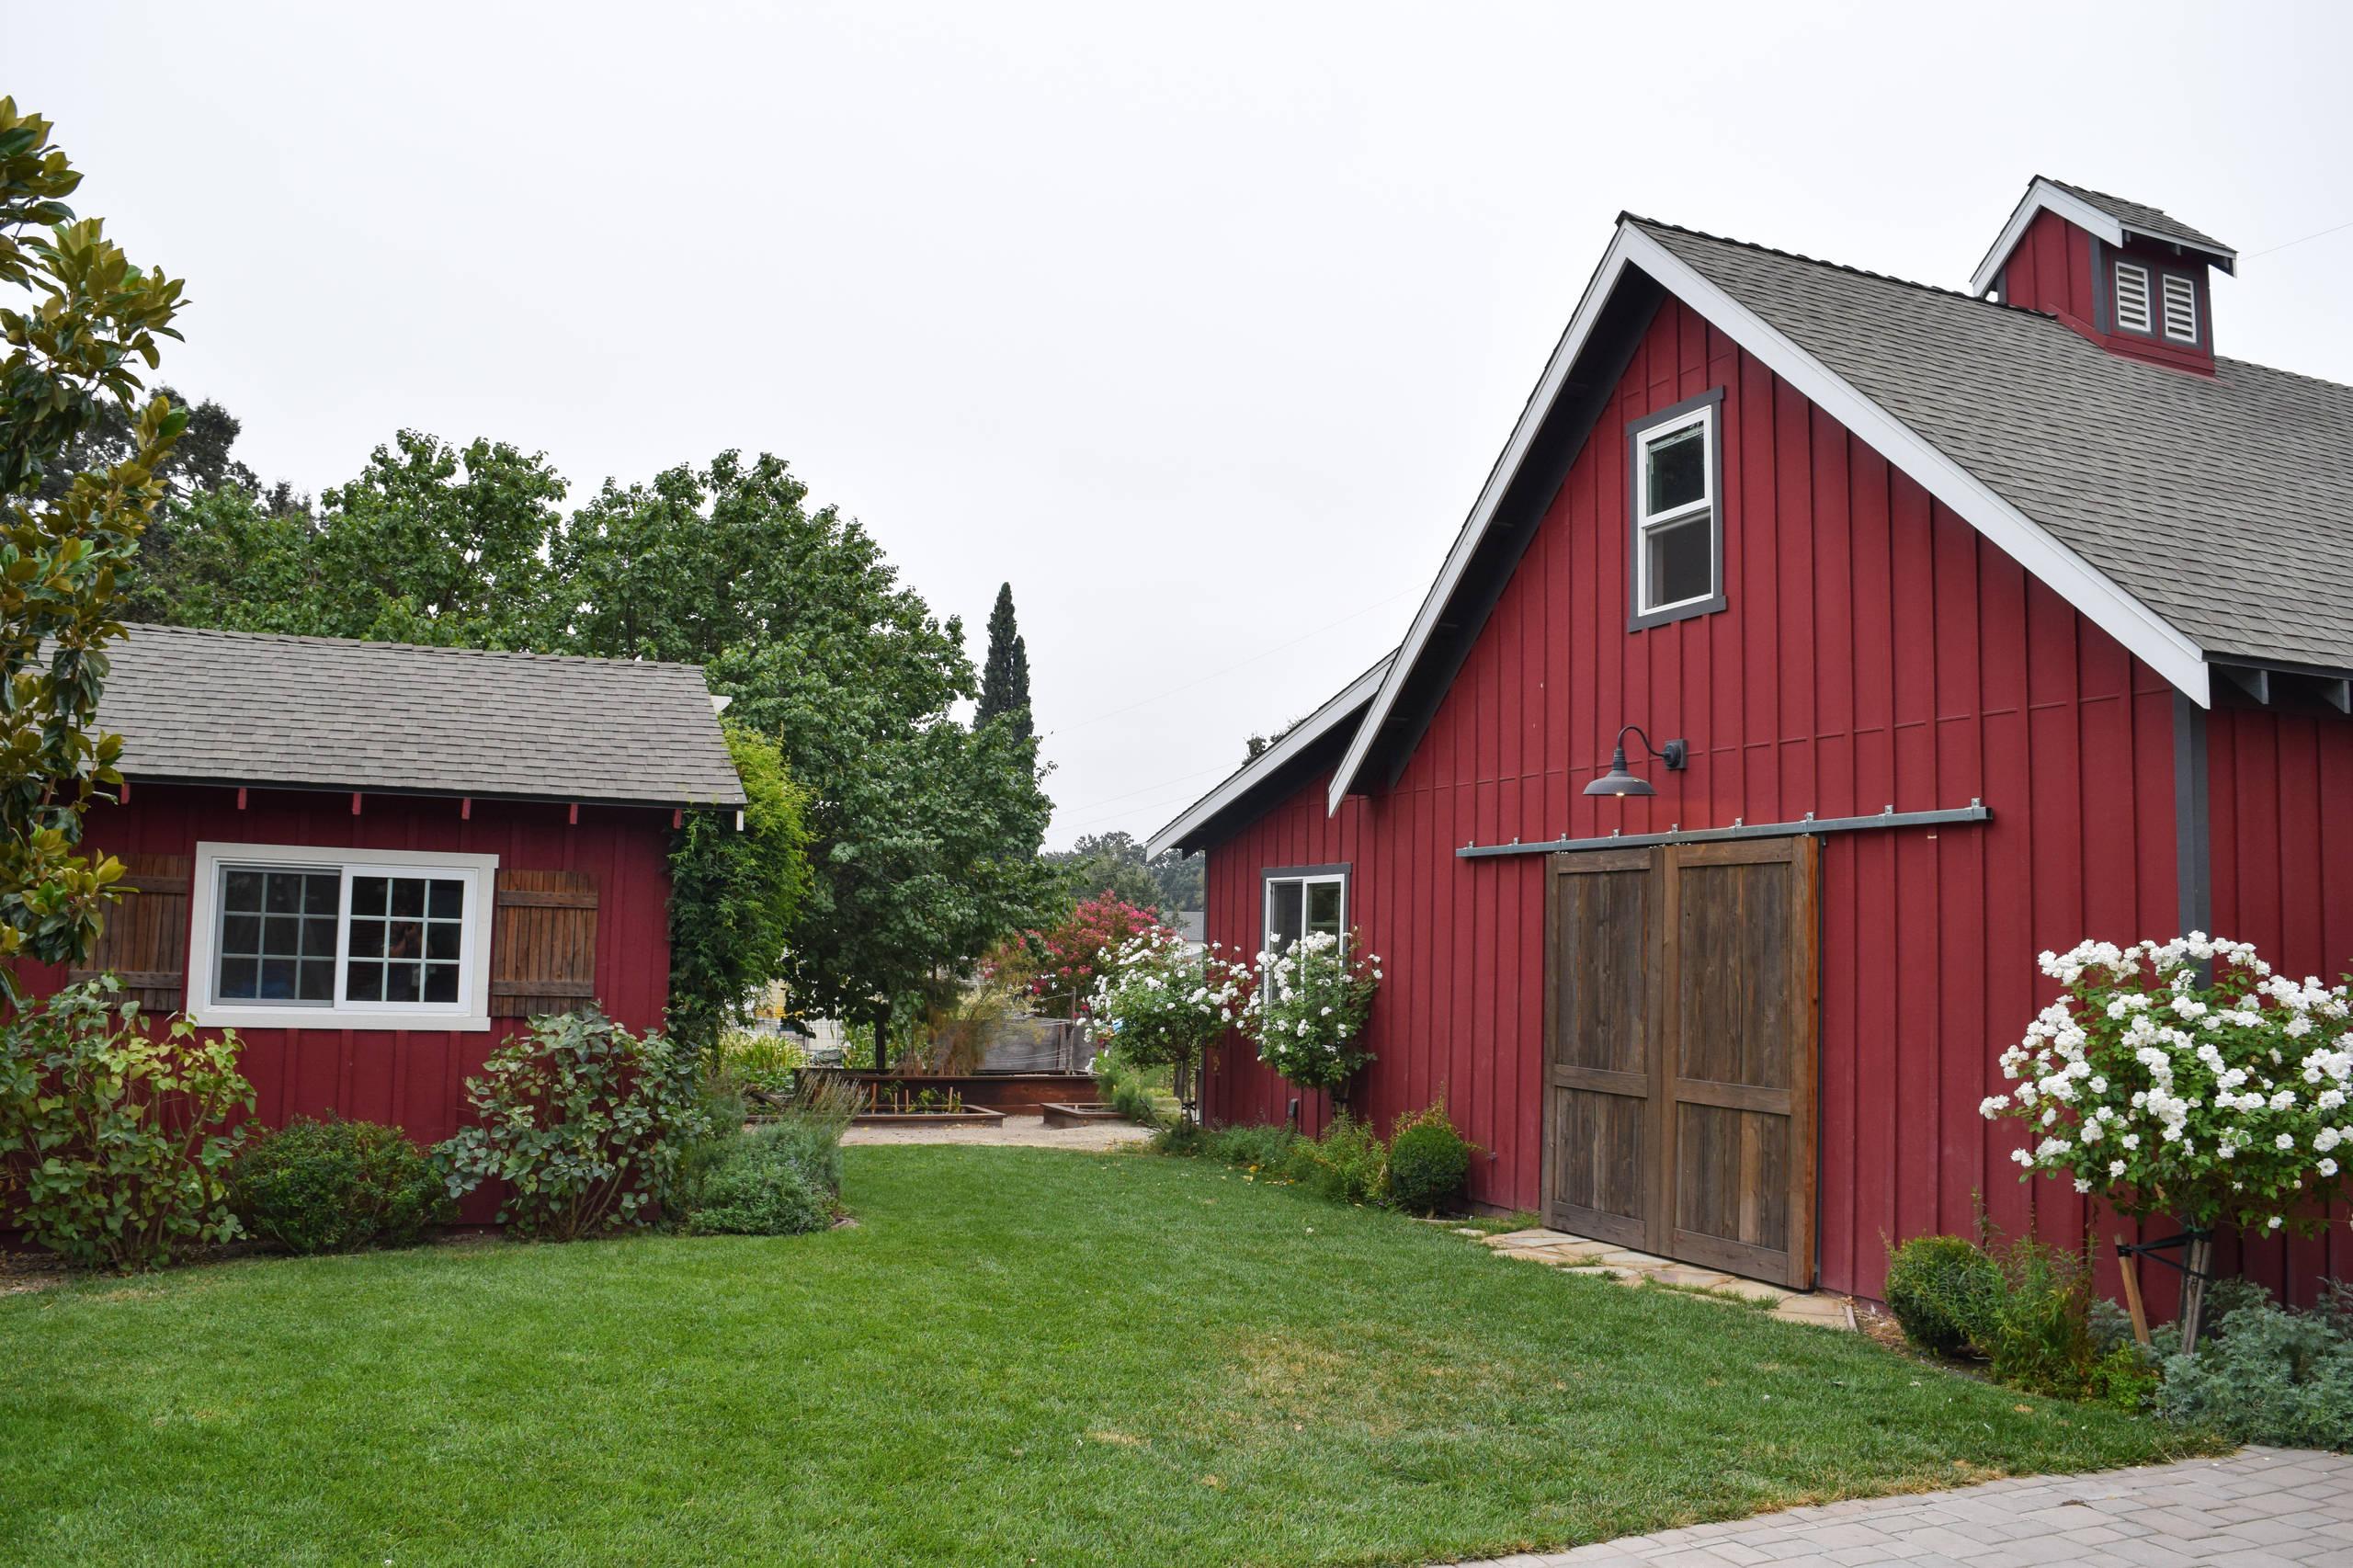 French Farmhouse Downtown Templeton